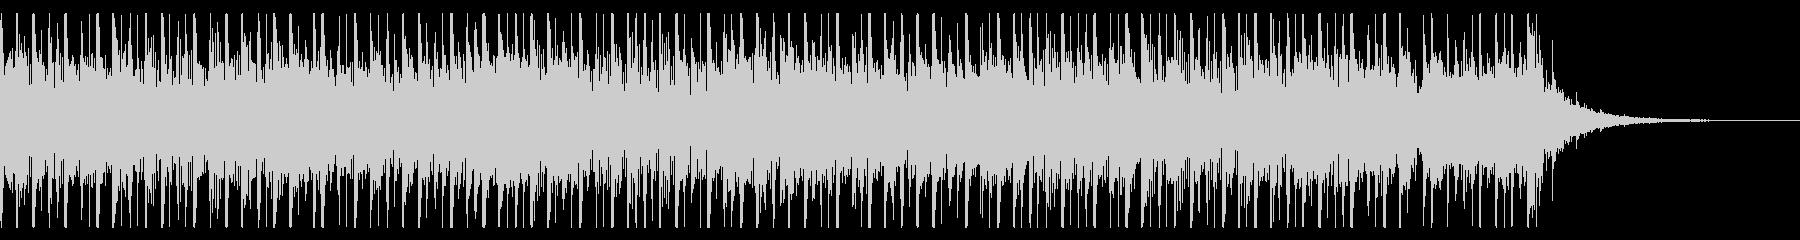 ビルドアップ(30秒)の未再生の波形